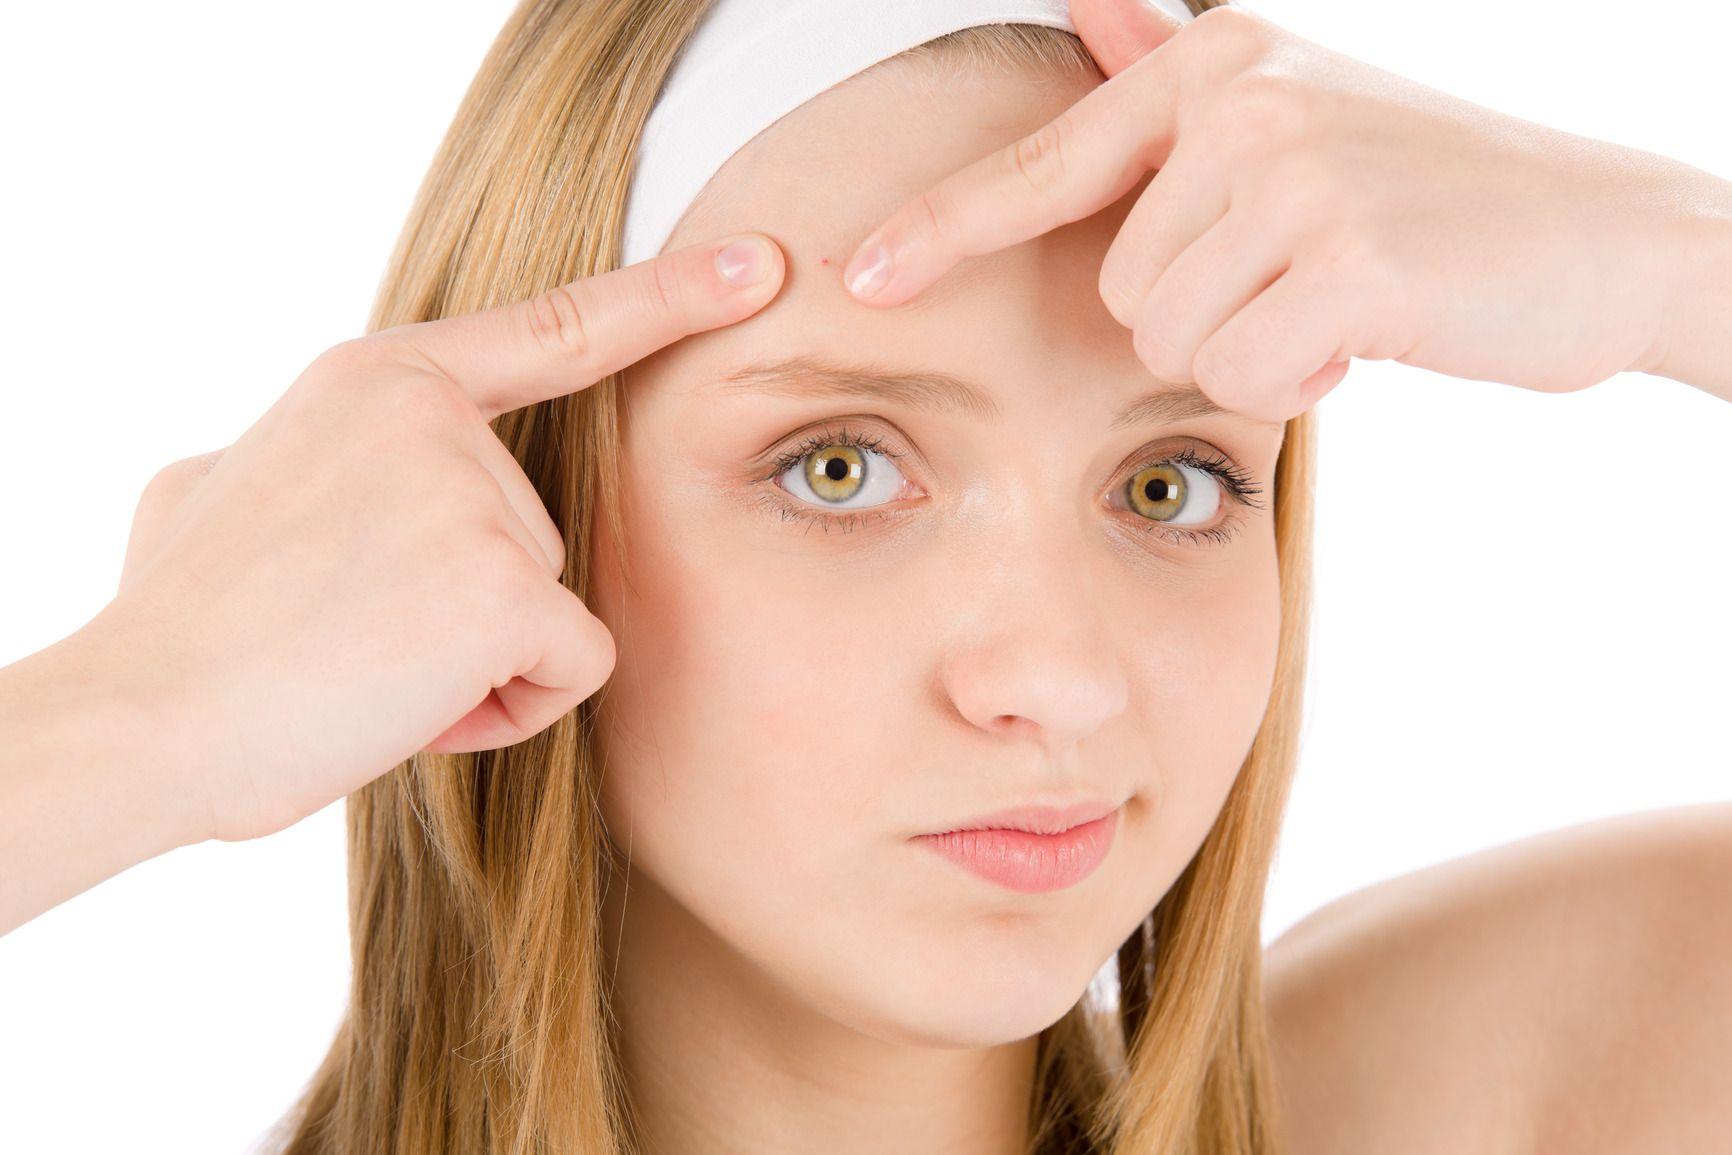 Лечение акне у взрослых и подростков какие методы физиотерапии применяются